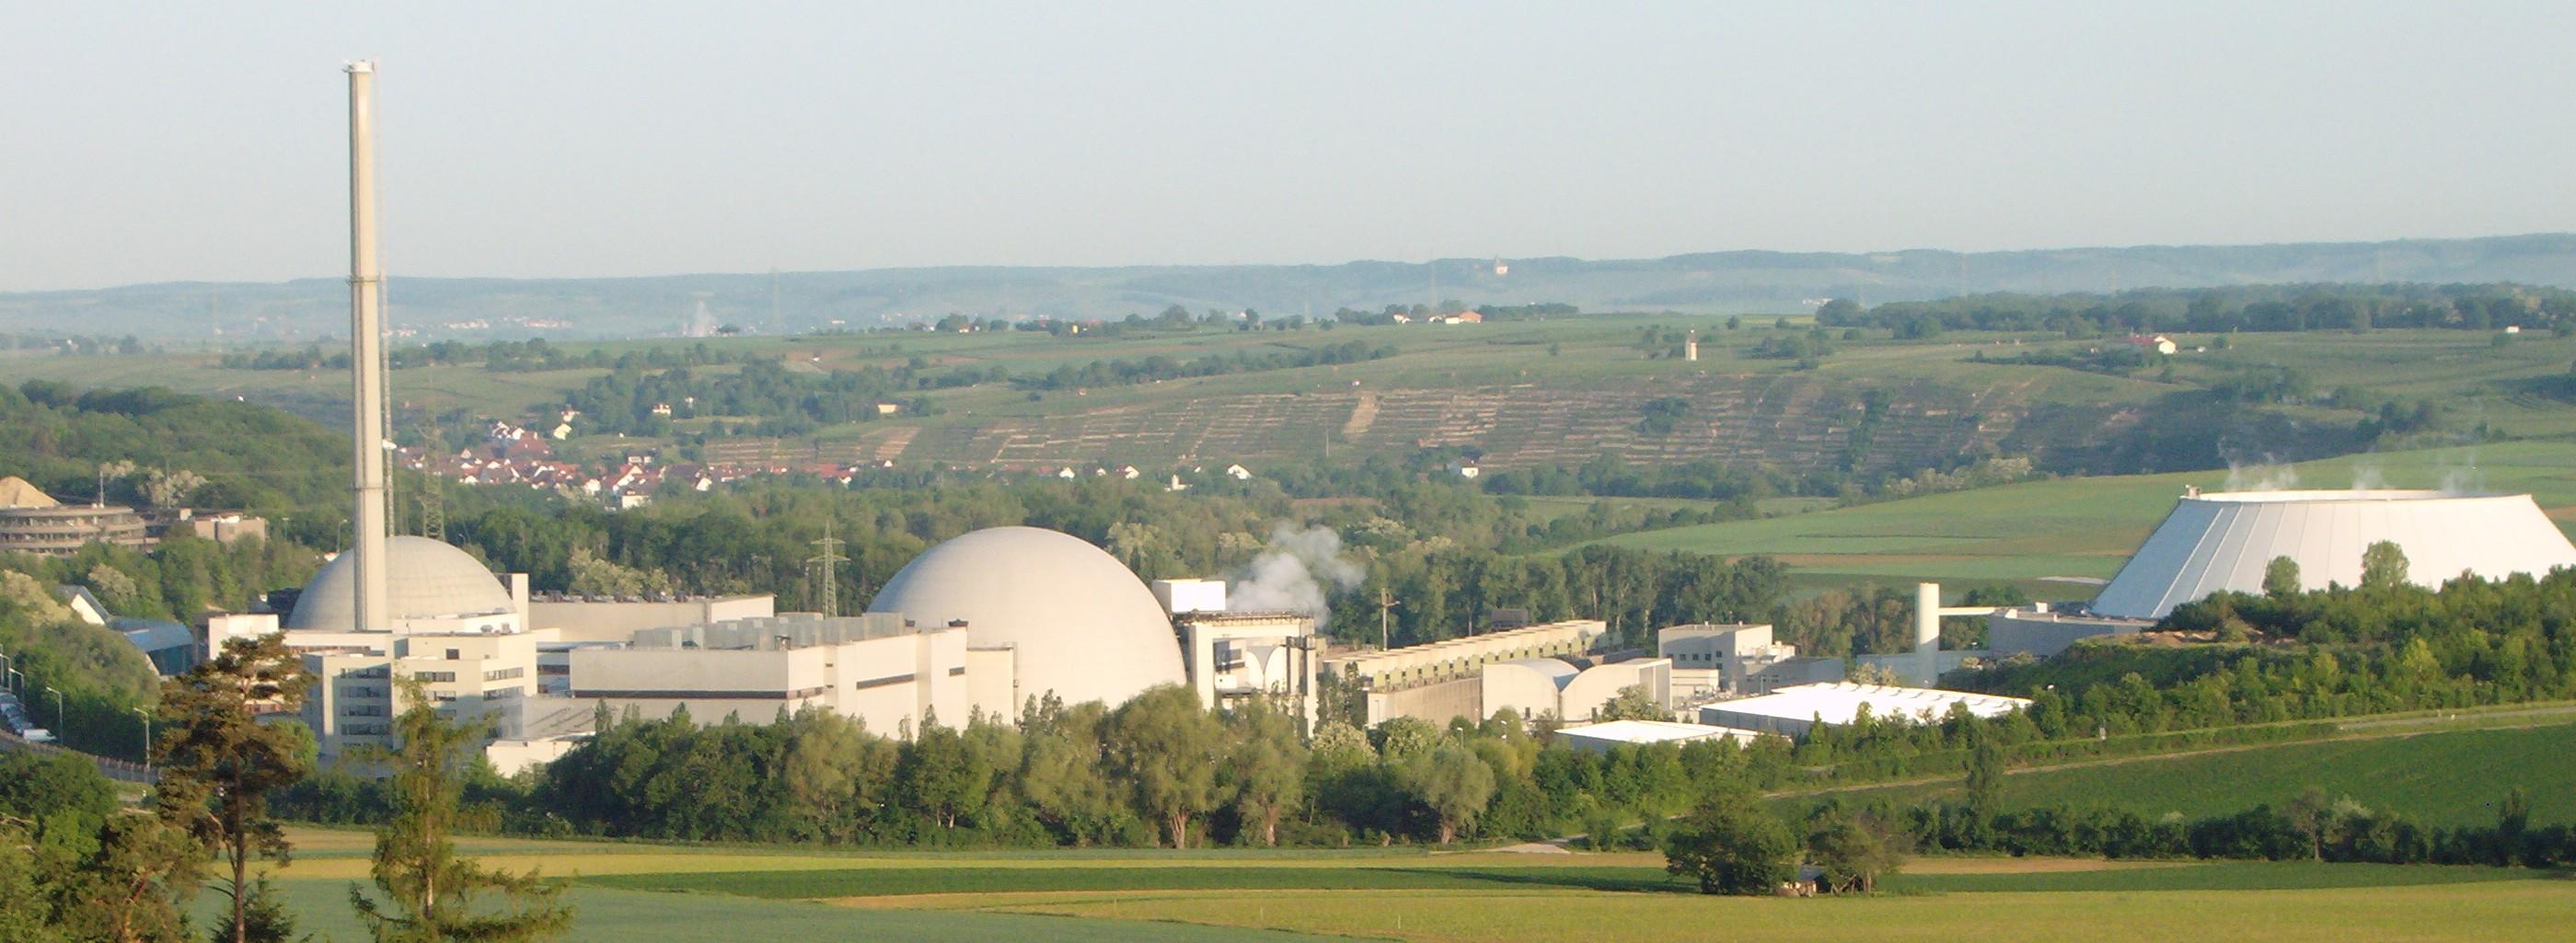 File:Atomkraftwerk GKN Neckarwestheim.JPG